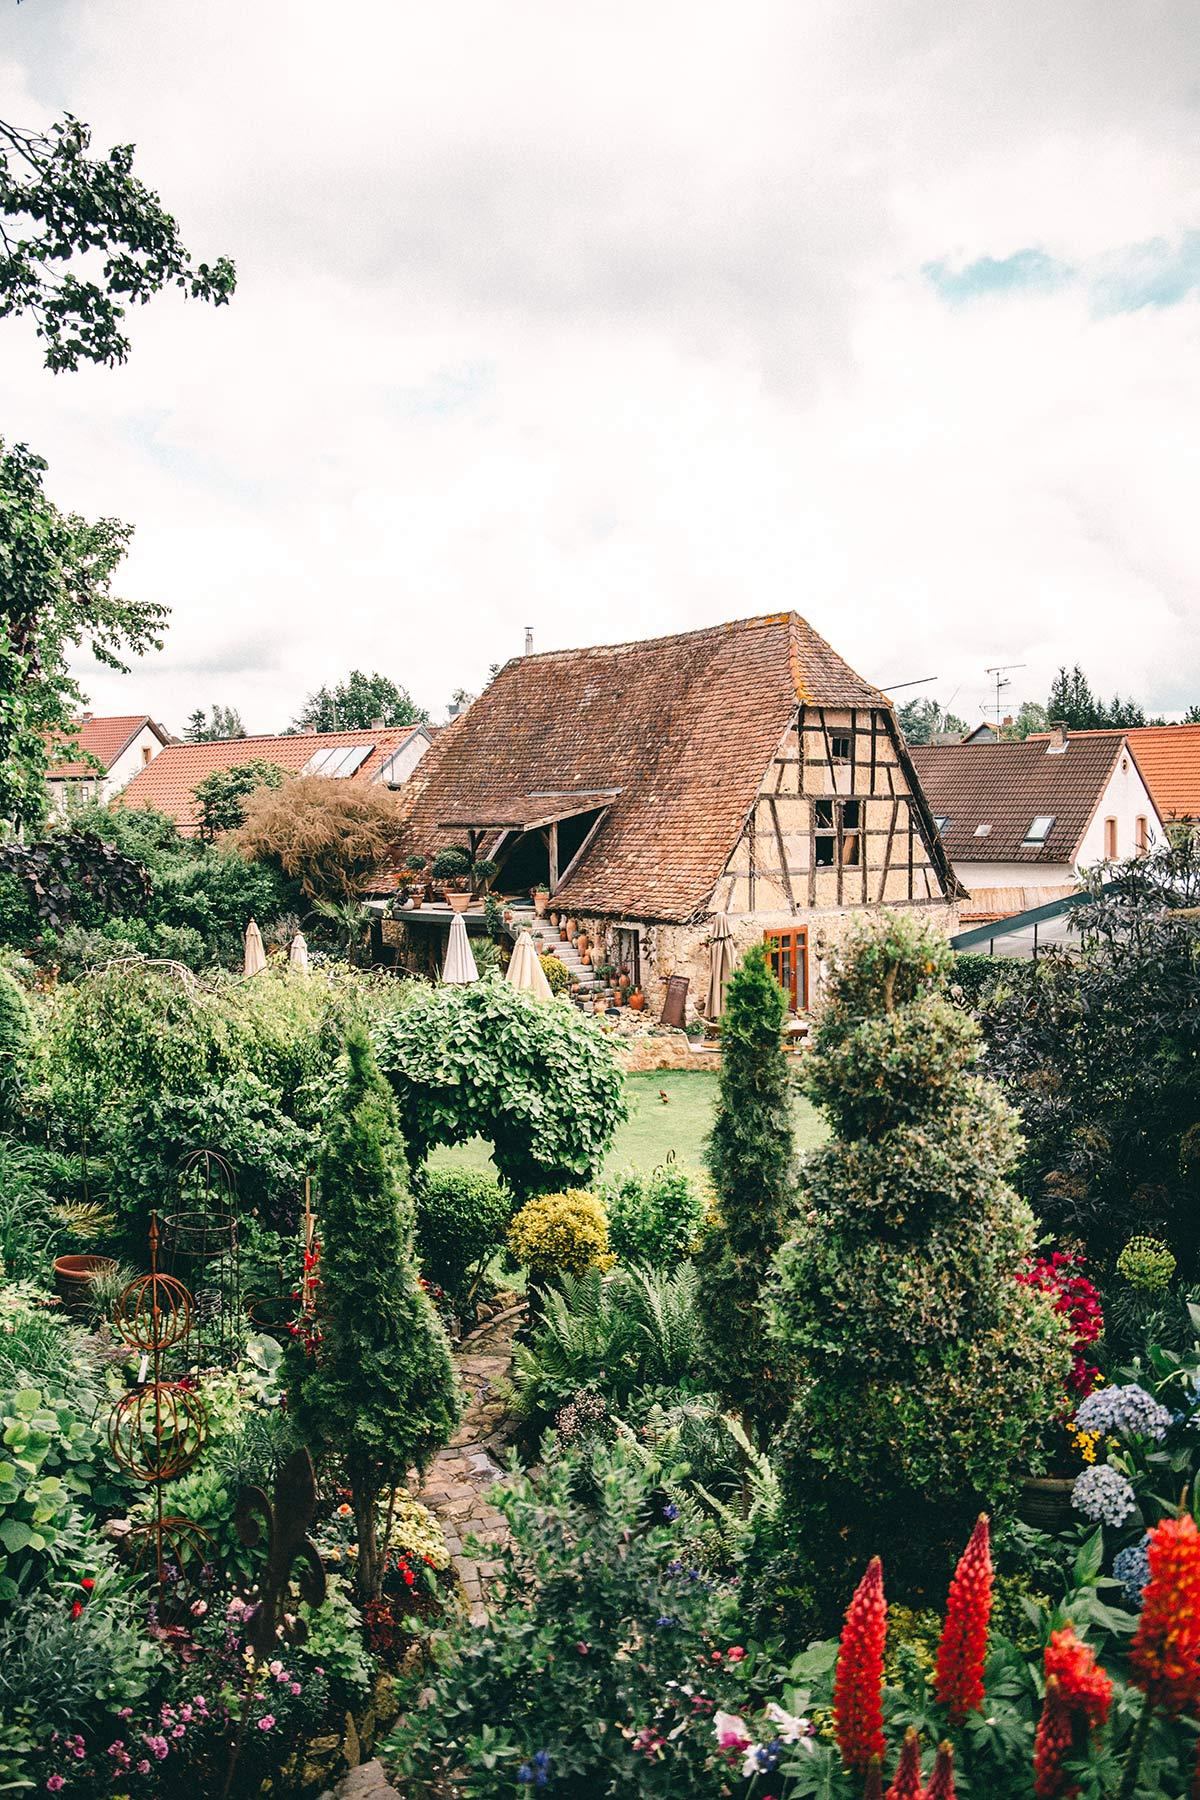 Cafe Augenwaide Floersheim Dalsheim